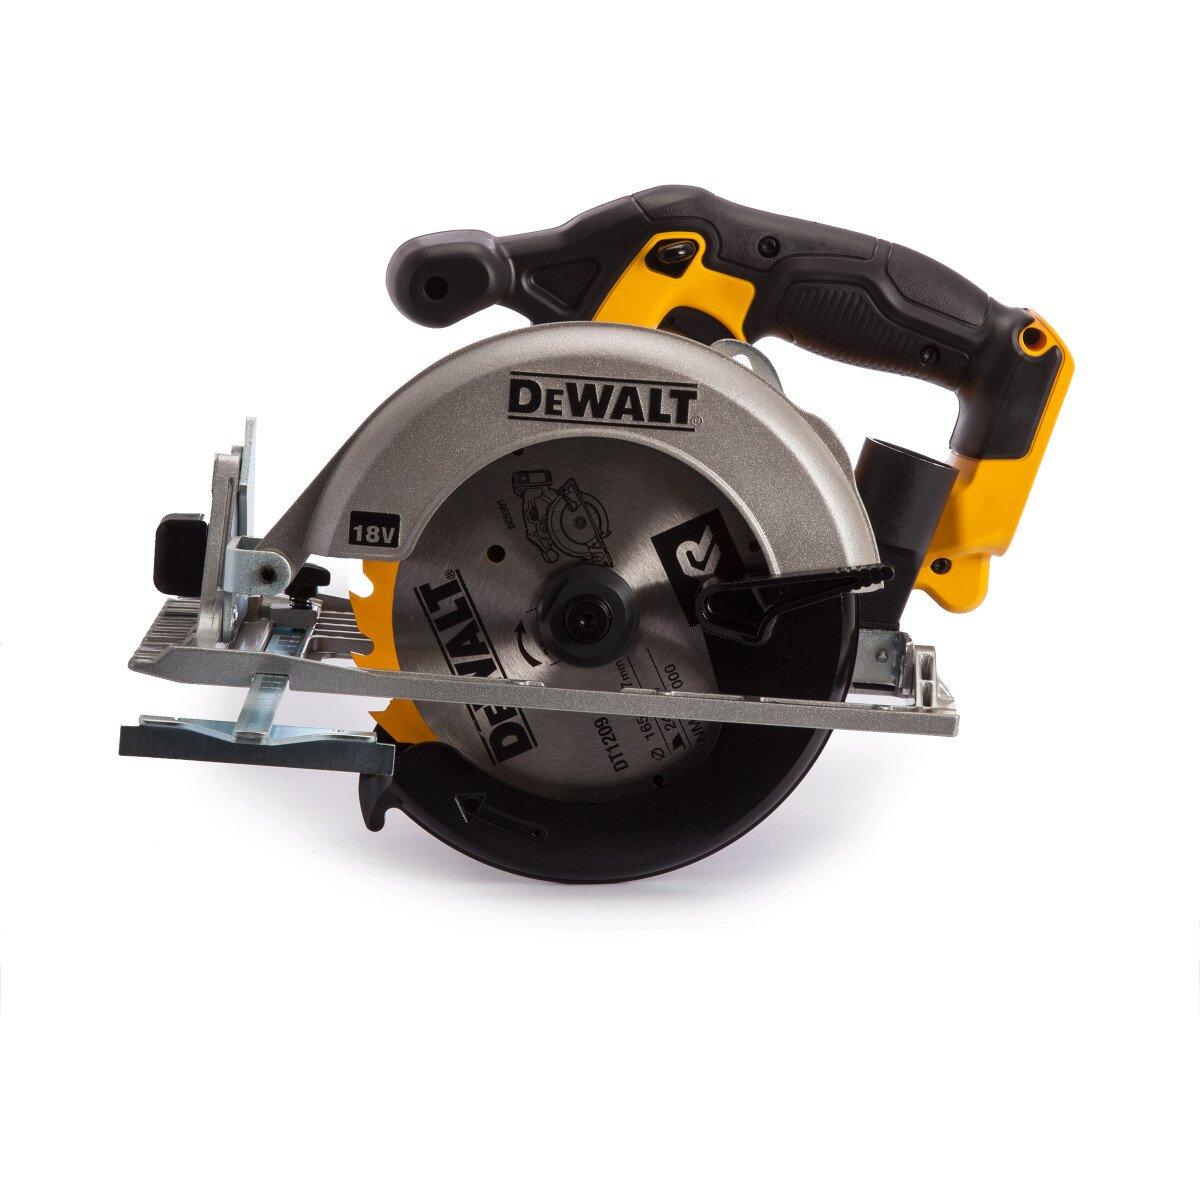 DeWalt DCS391N-XJ Body Only 18V XR 165mm Circular Saw from